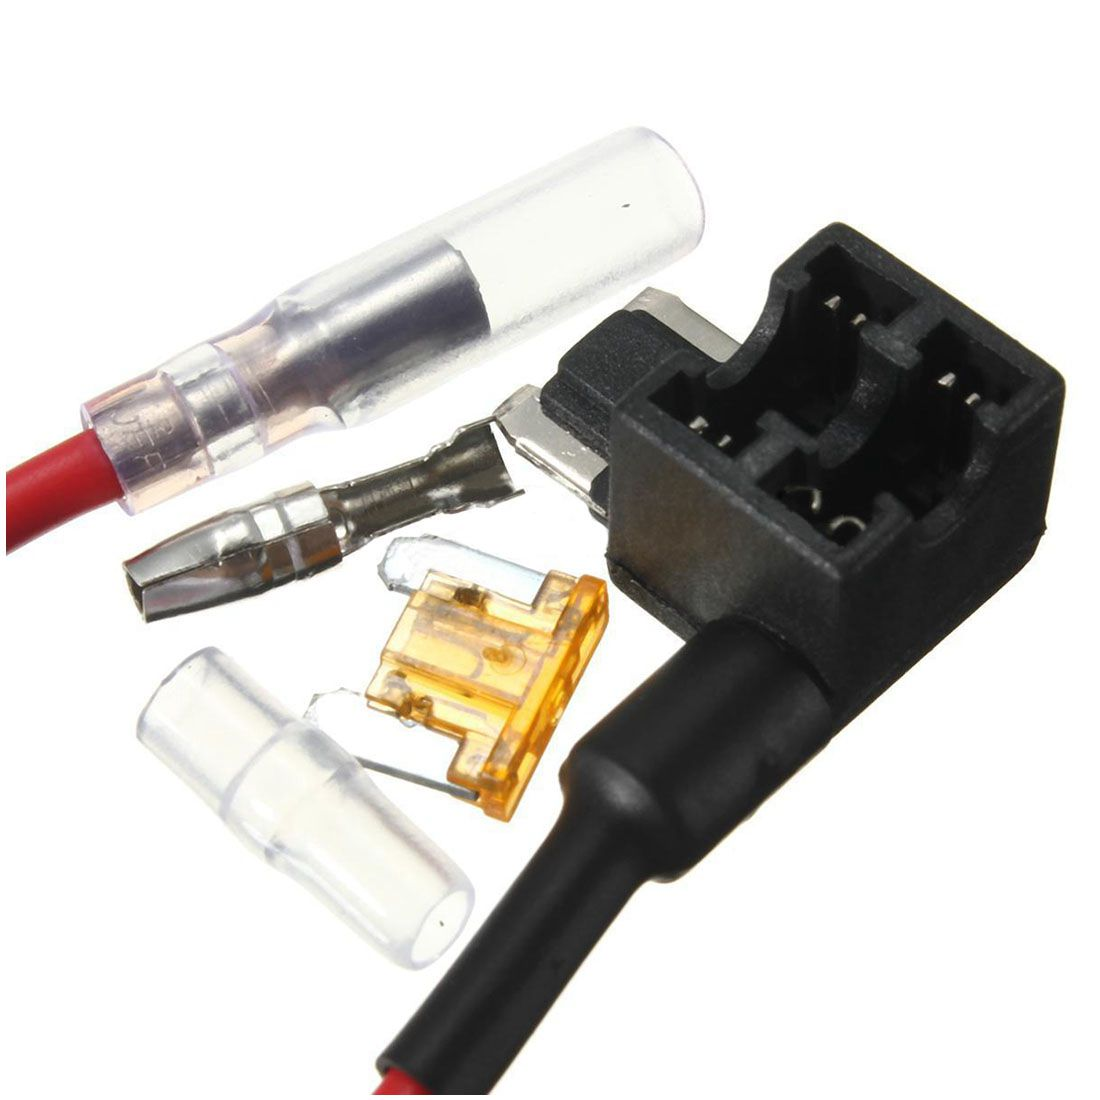 off Micro Cut Power Cut off Power Cut out Splitter ATM K8G2